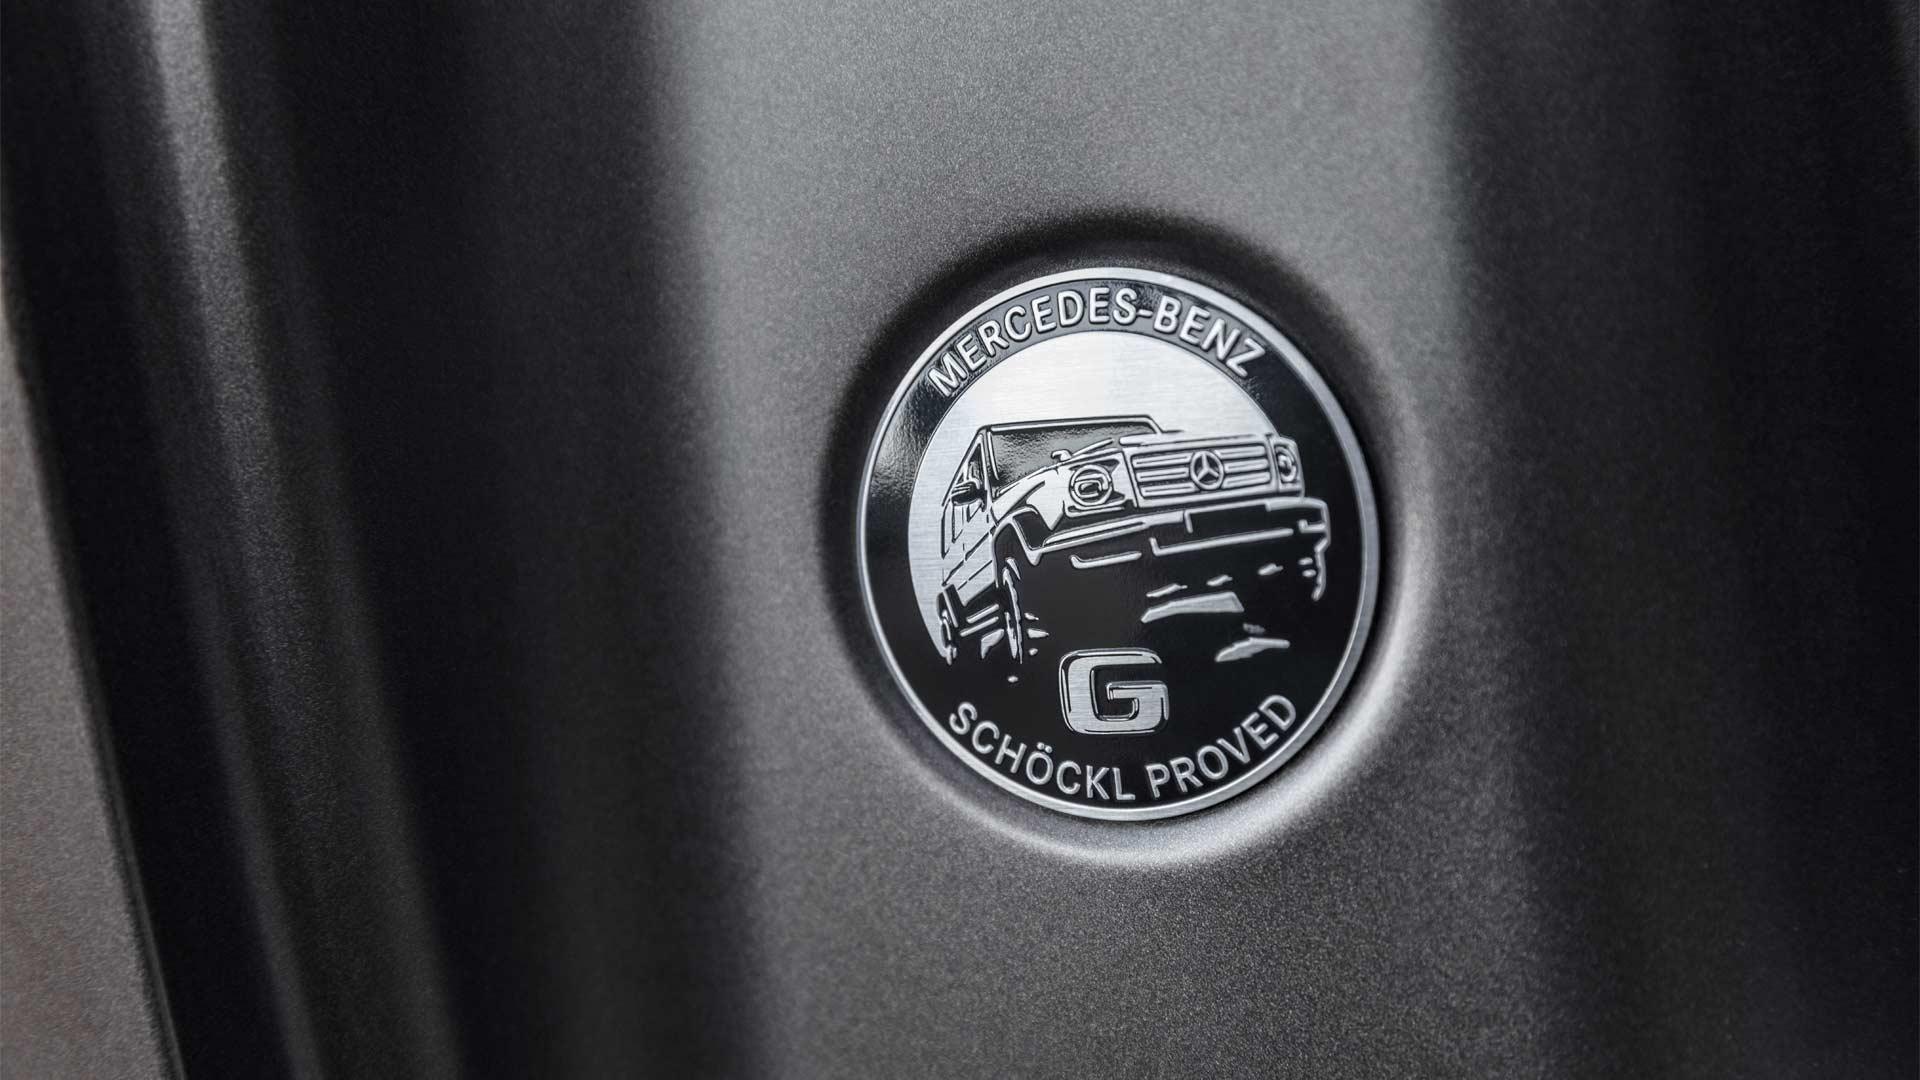 2018-Mercedes-Benz-G-Class-interior_6